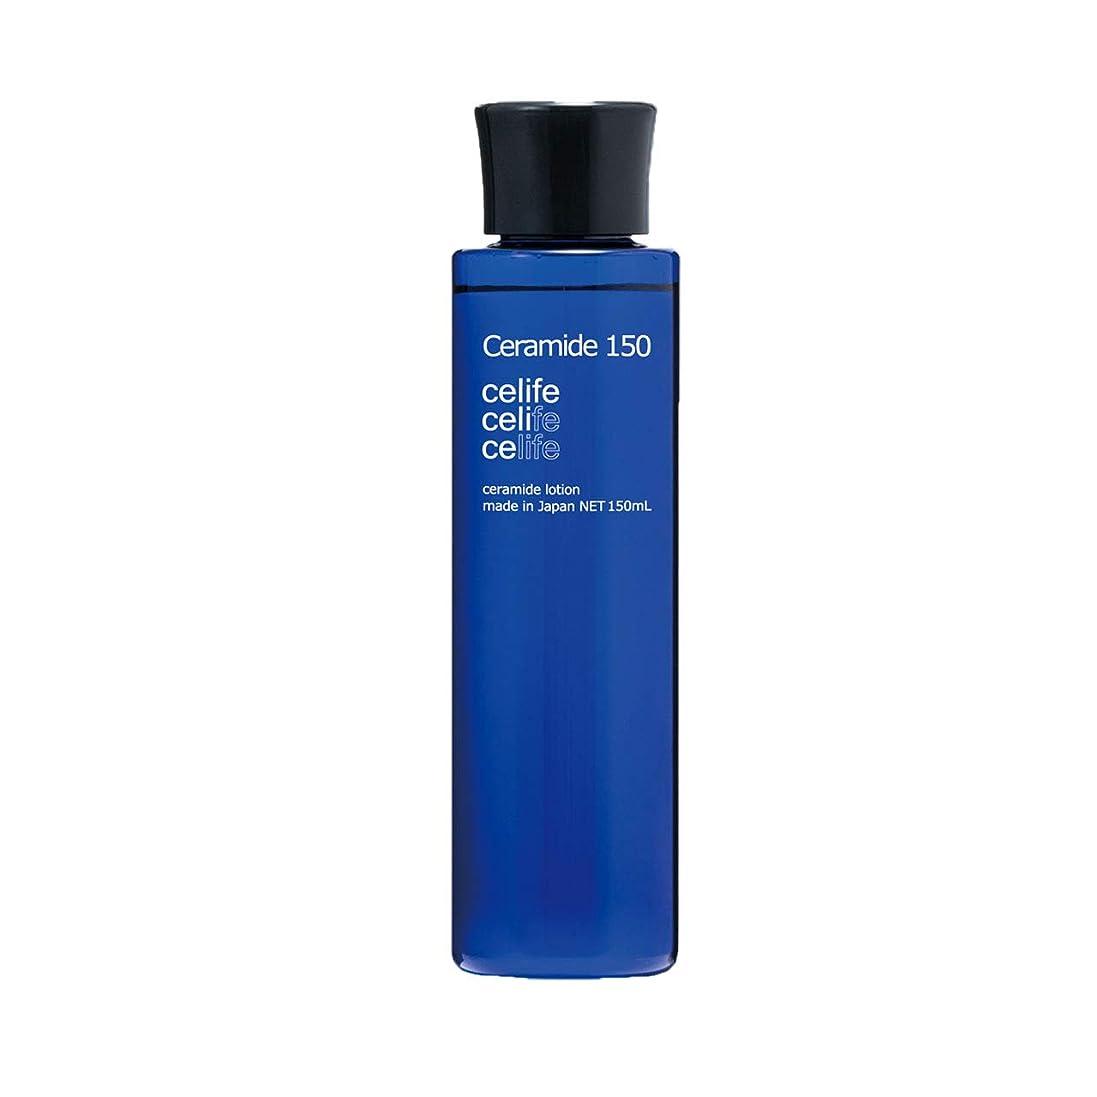 文句を言うヨーロッパひどく天然セラミド配合化粧水 セラミド 150